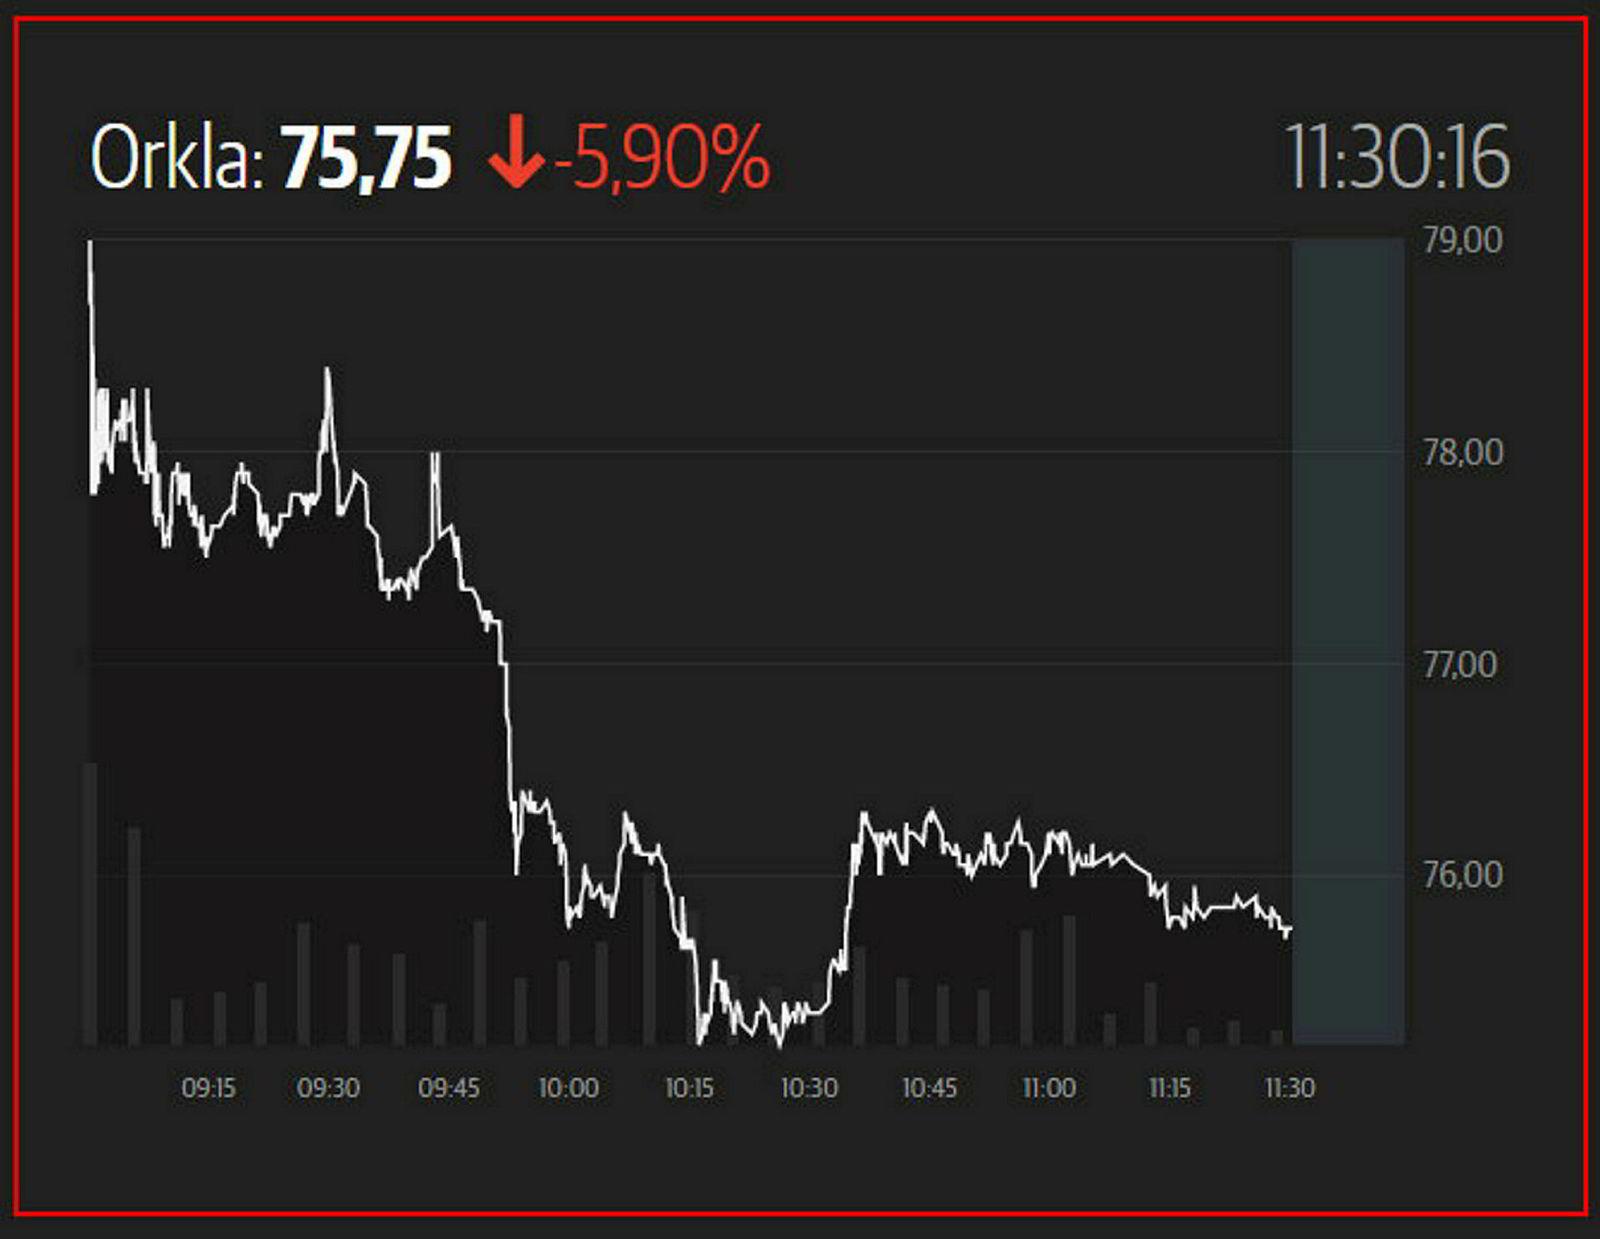 Orklas børsutvikling torsdag. Aksjen faller etter resultatfremleggelsen.